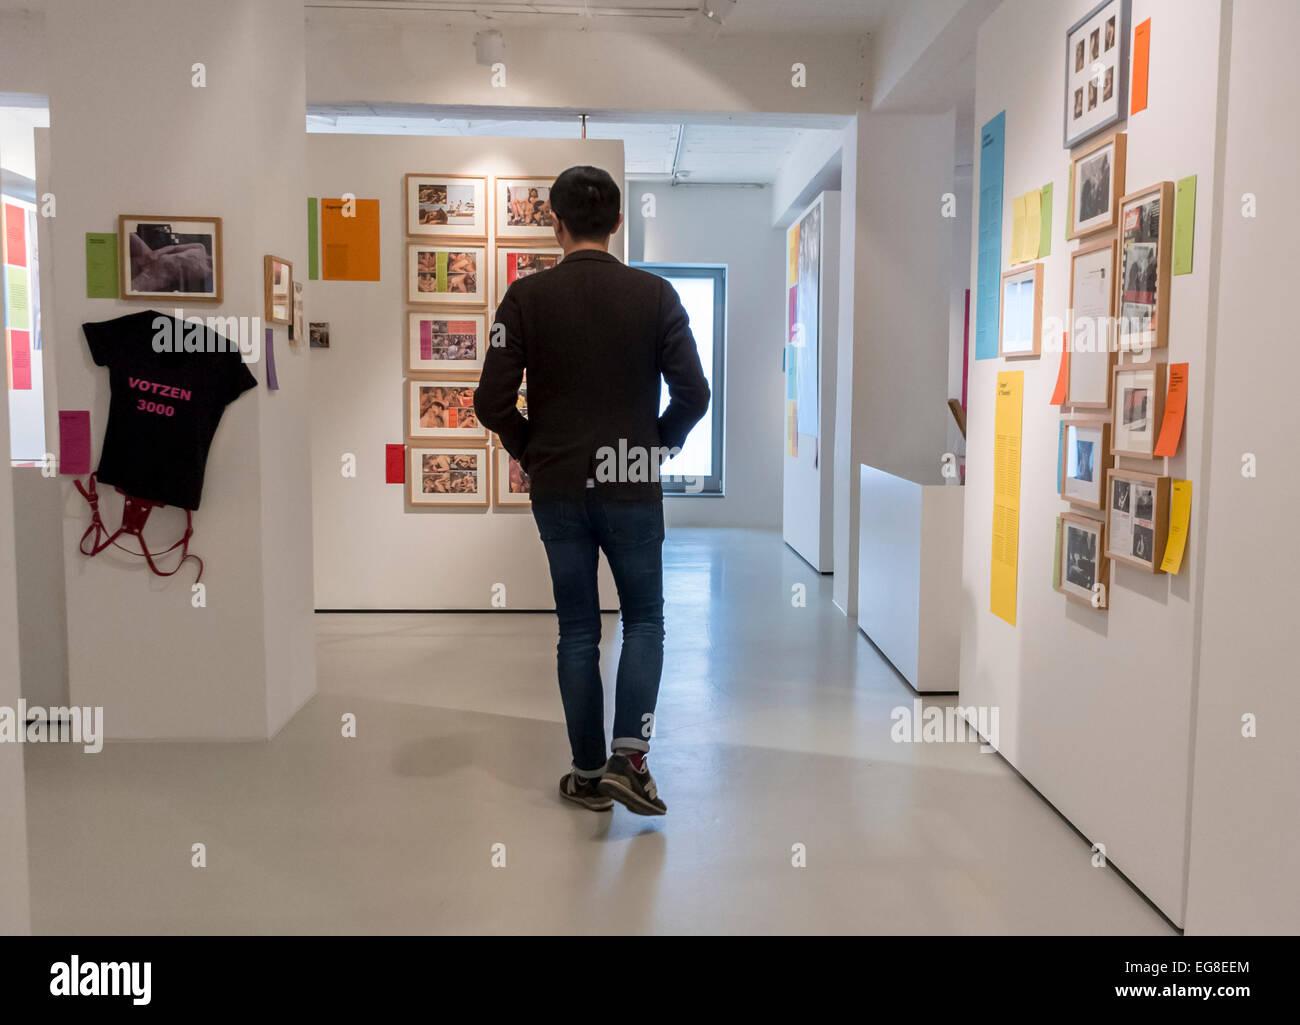 Berlín, Alemania, el hombre chino, turismo a pie, visitando el Museo Schwules interior, LGBT Archives Imagen De Stock